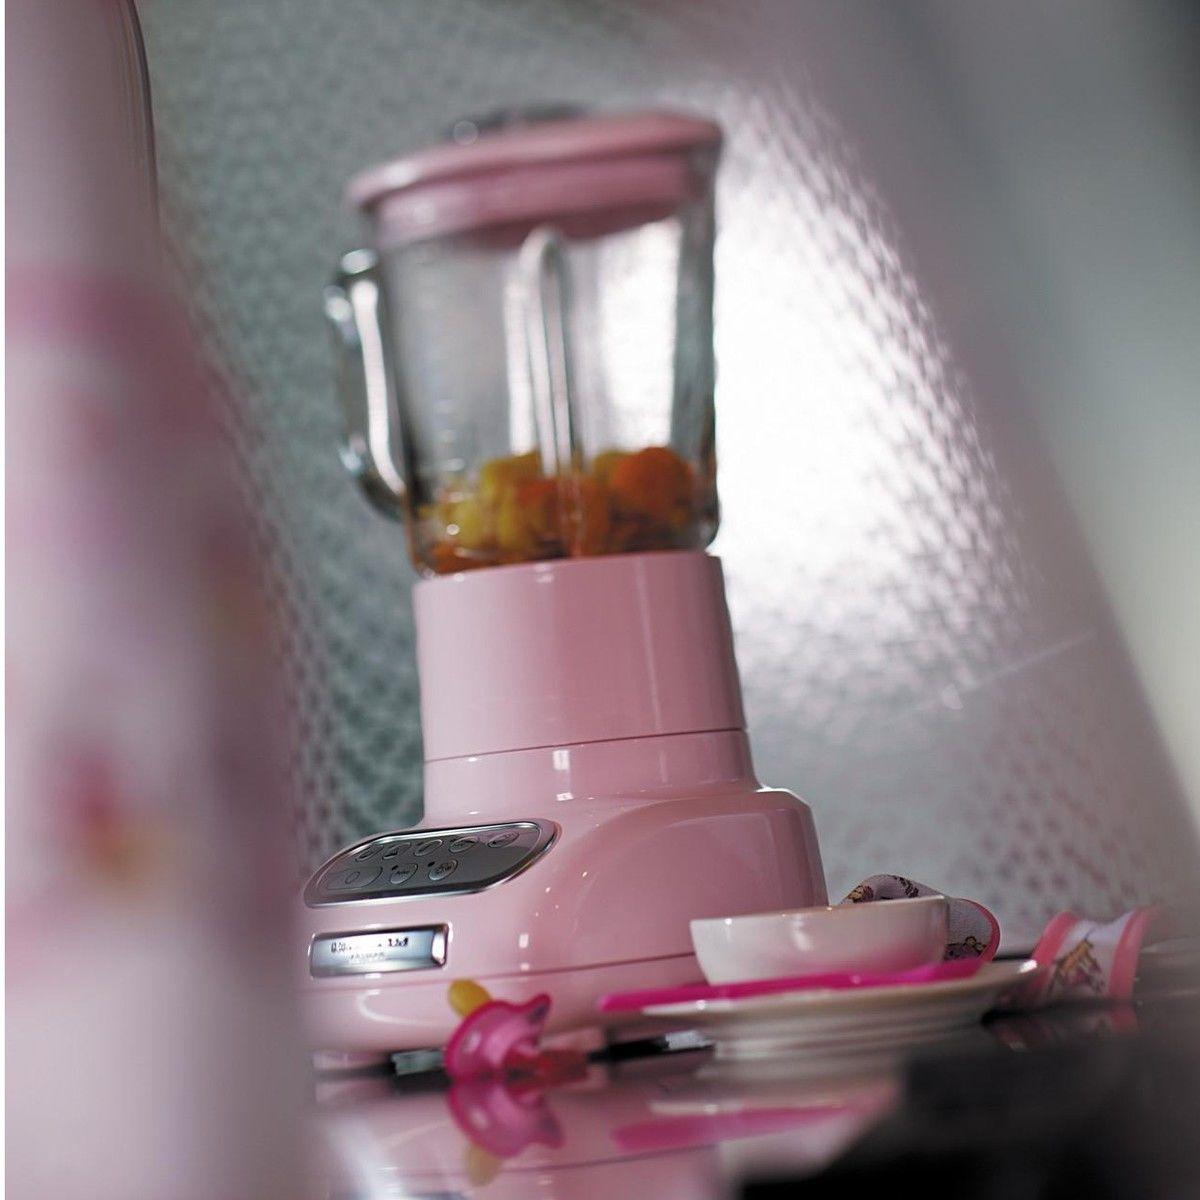 artisan 5ksb5553 standmixer blender kitchenaid. Black Bedroom Furniture Sets. Home Design Ideas